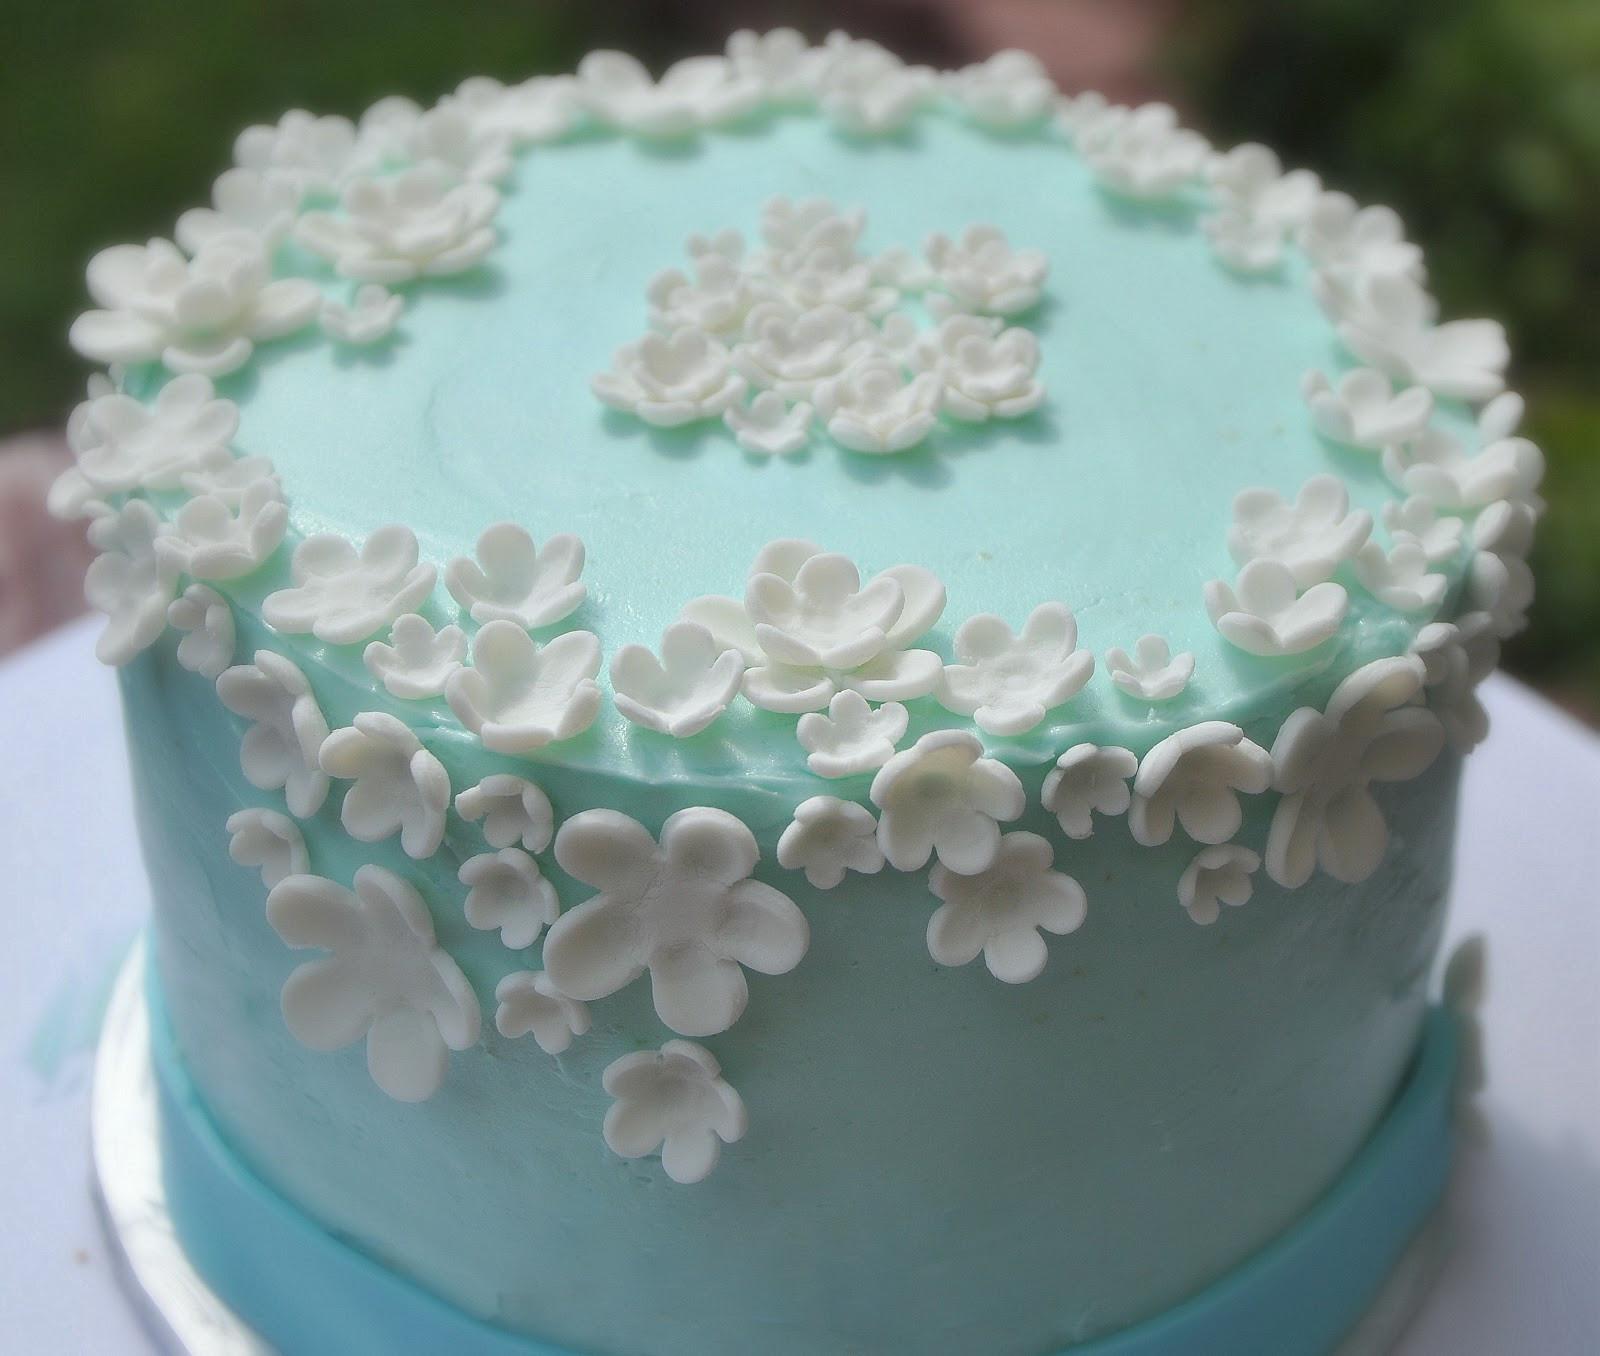 Best ideas about Birthday Flower Cake . Save or Pin TurtleCraftyGirl Flower Birthday Cake Now.